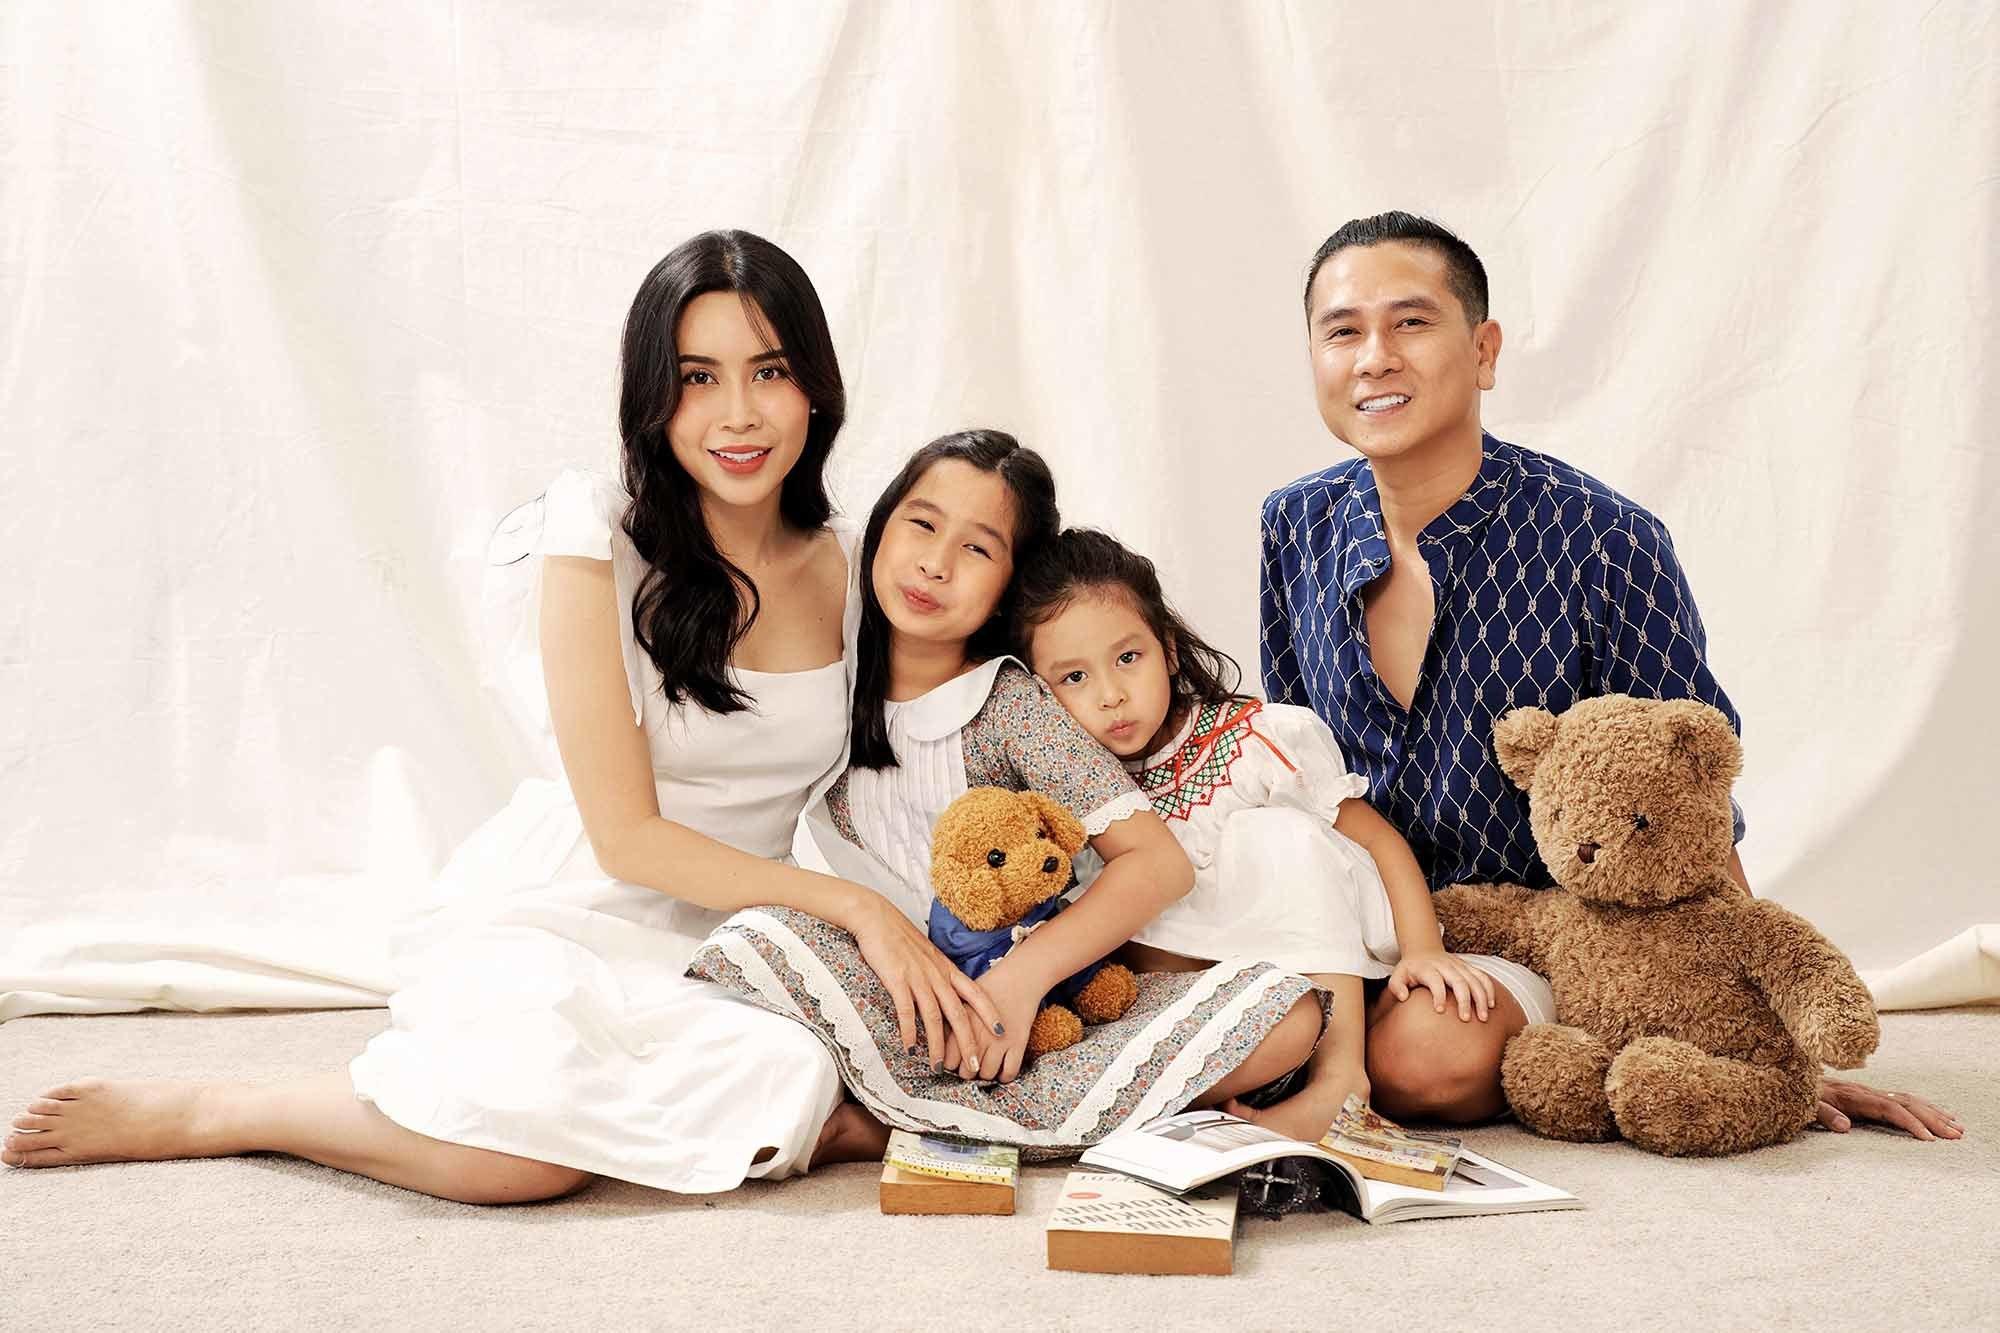 Khoảnh khắc hạnh phúc của gia đình Lưu Hương Giang - Hồ Hoài Anh